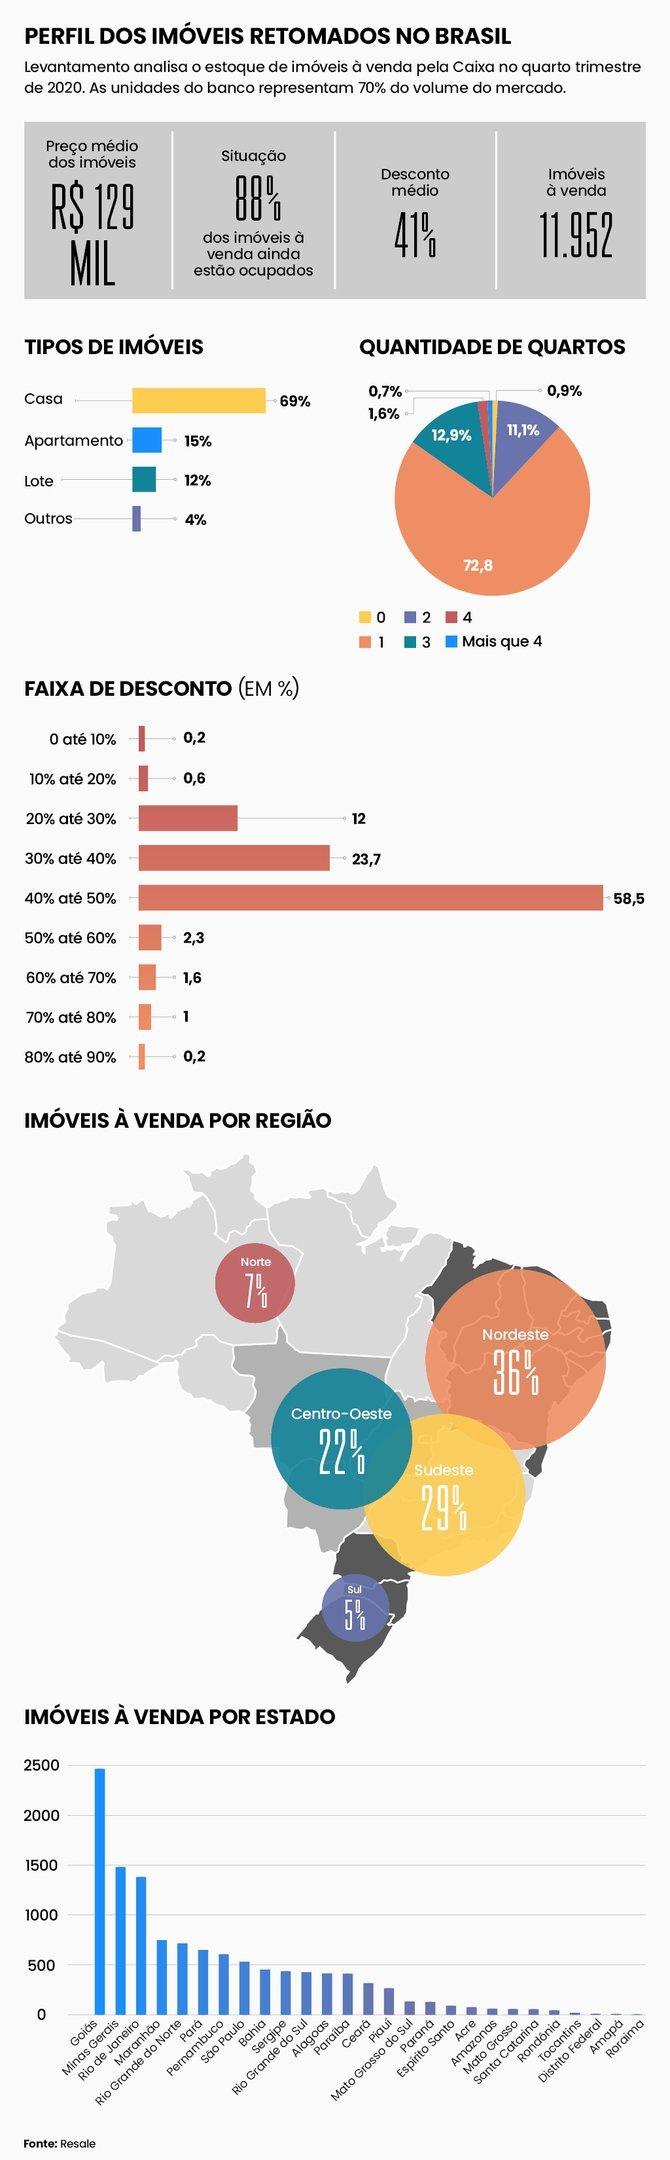 Mapa de imóveis retomados da Caixa no 4º trimestre de 2020